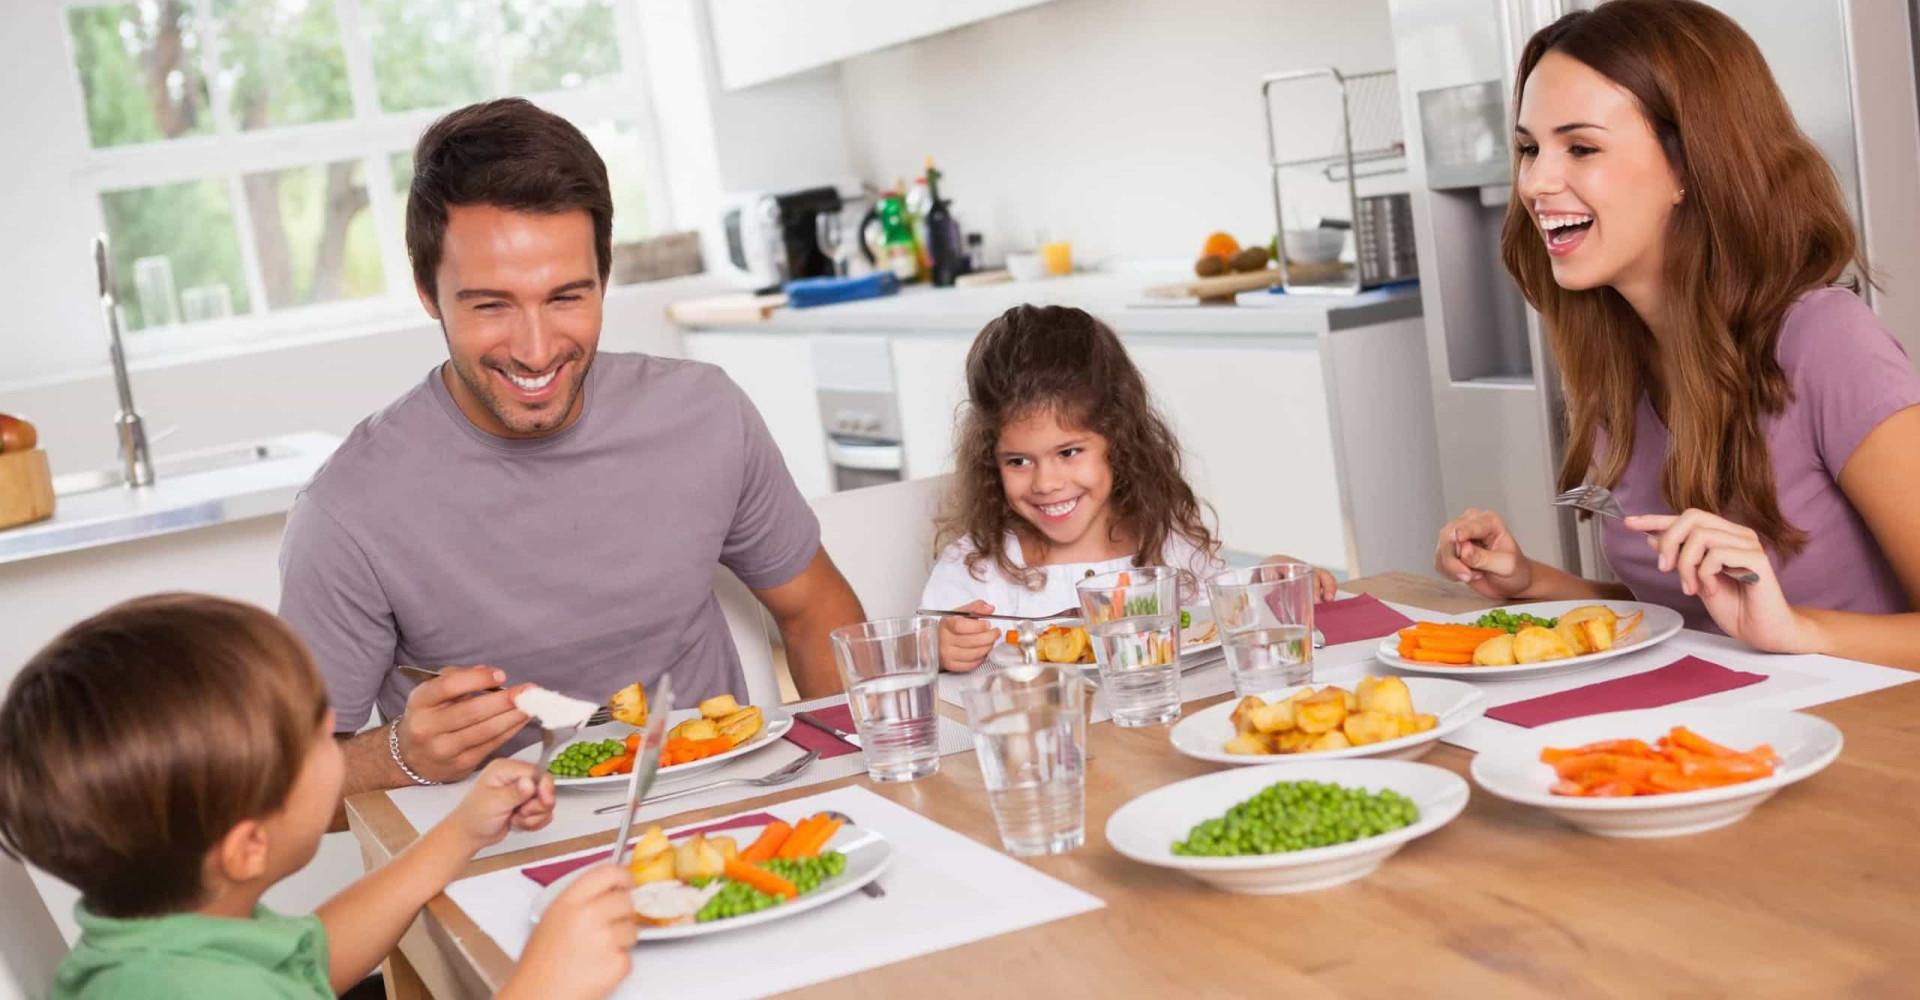 Gezamenlijk aan tafel eten is gezonder